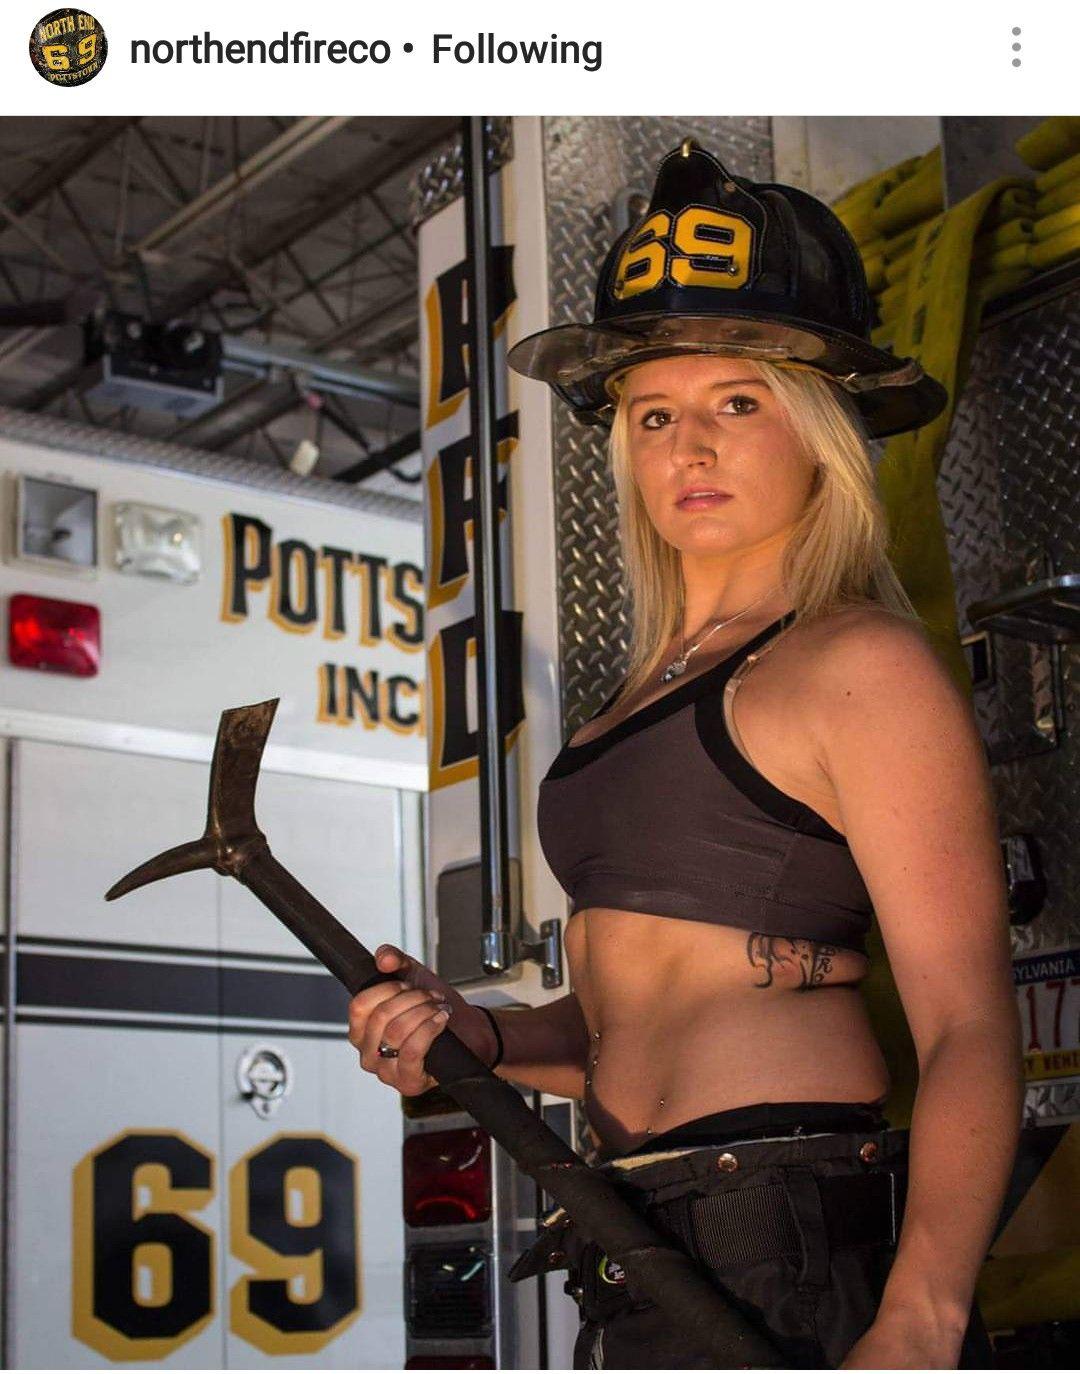 hot-firefighter-women-tits